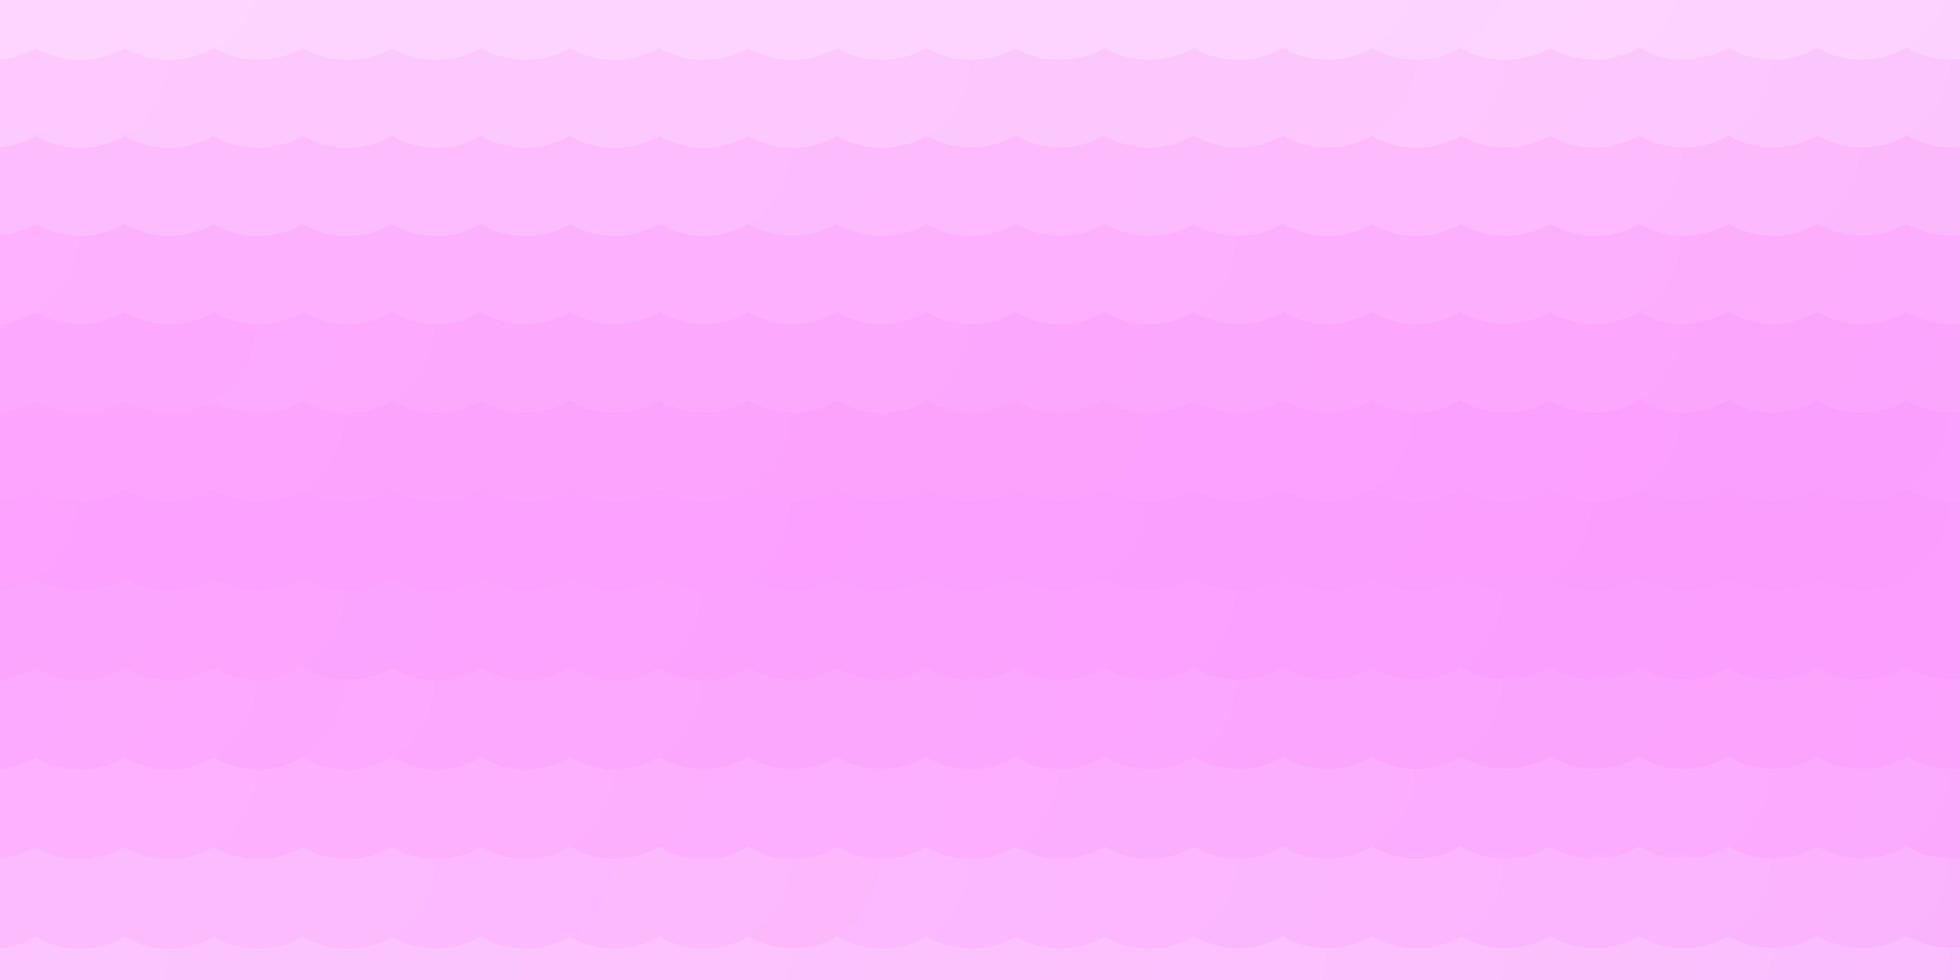 plantilla de vector rosa claro con círculos.